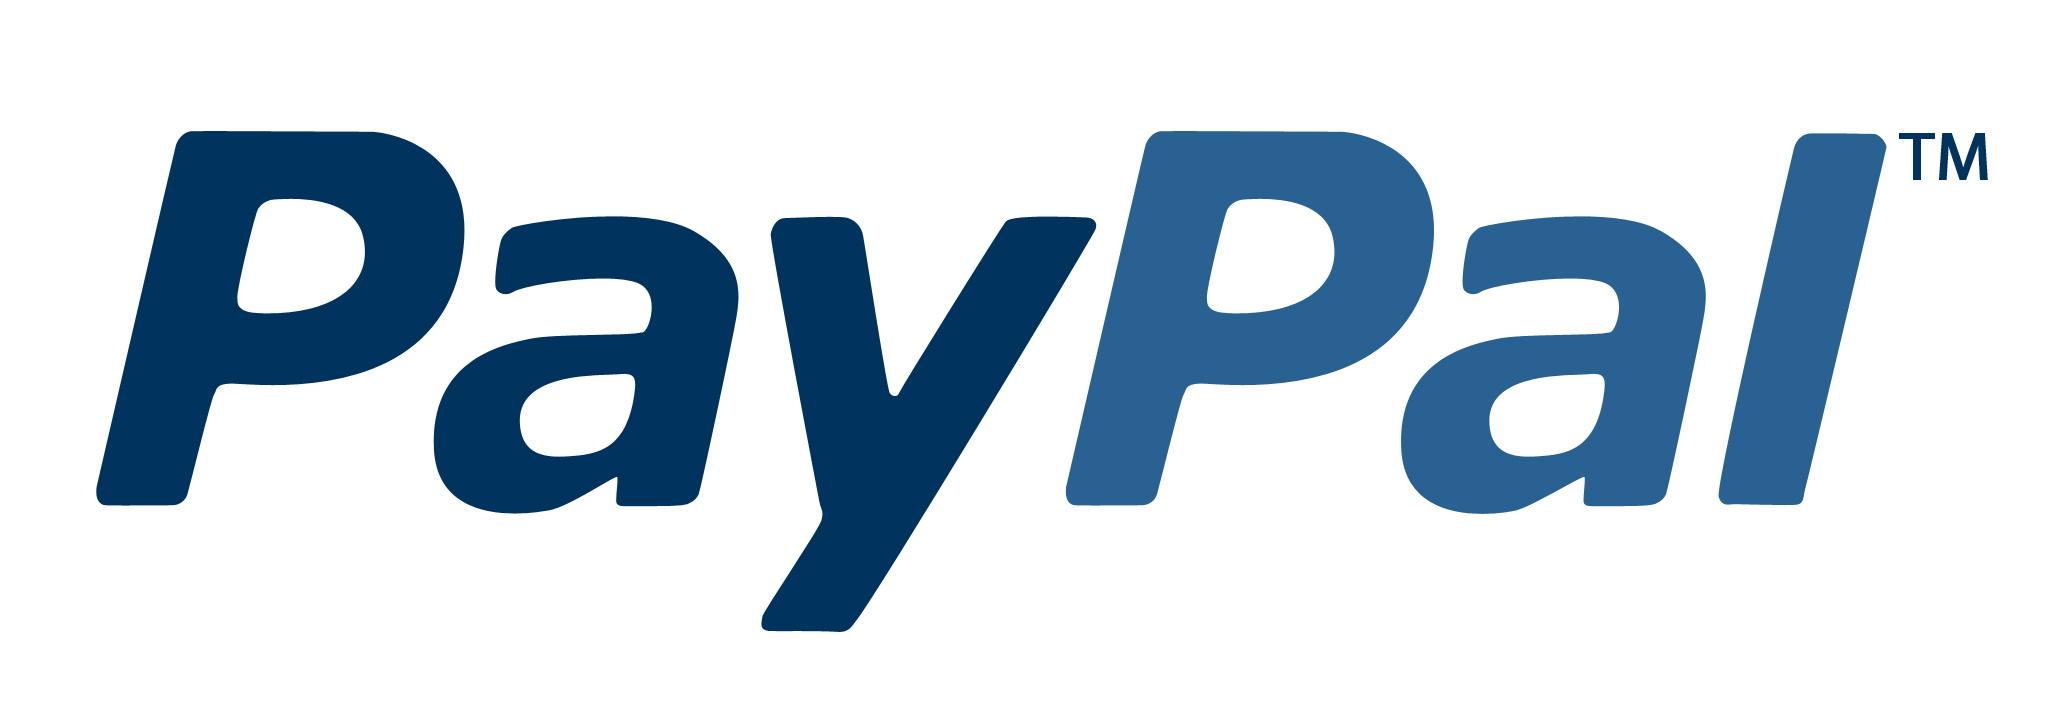 Faille Poodle : Votre module prestashop paypal doit être mis à jour !